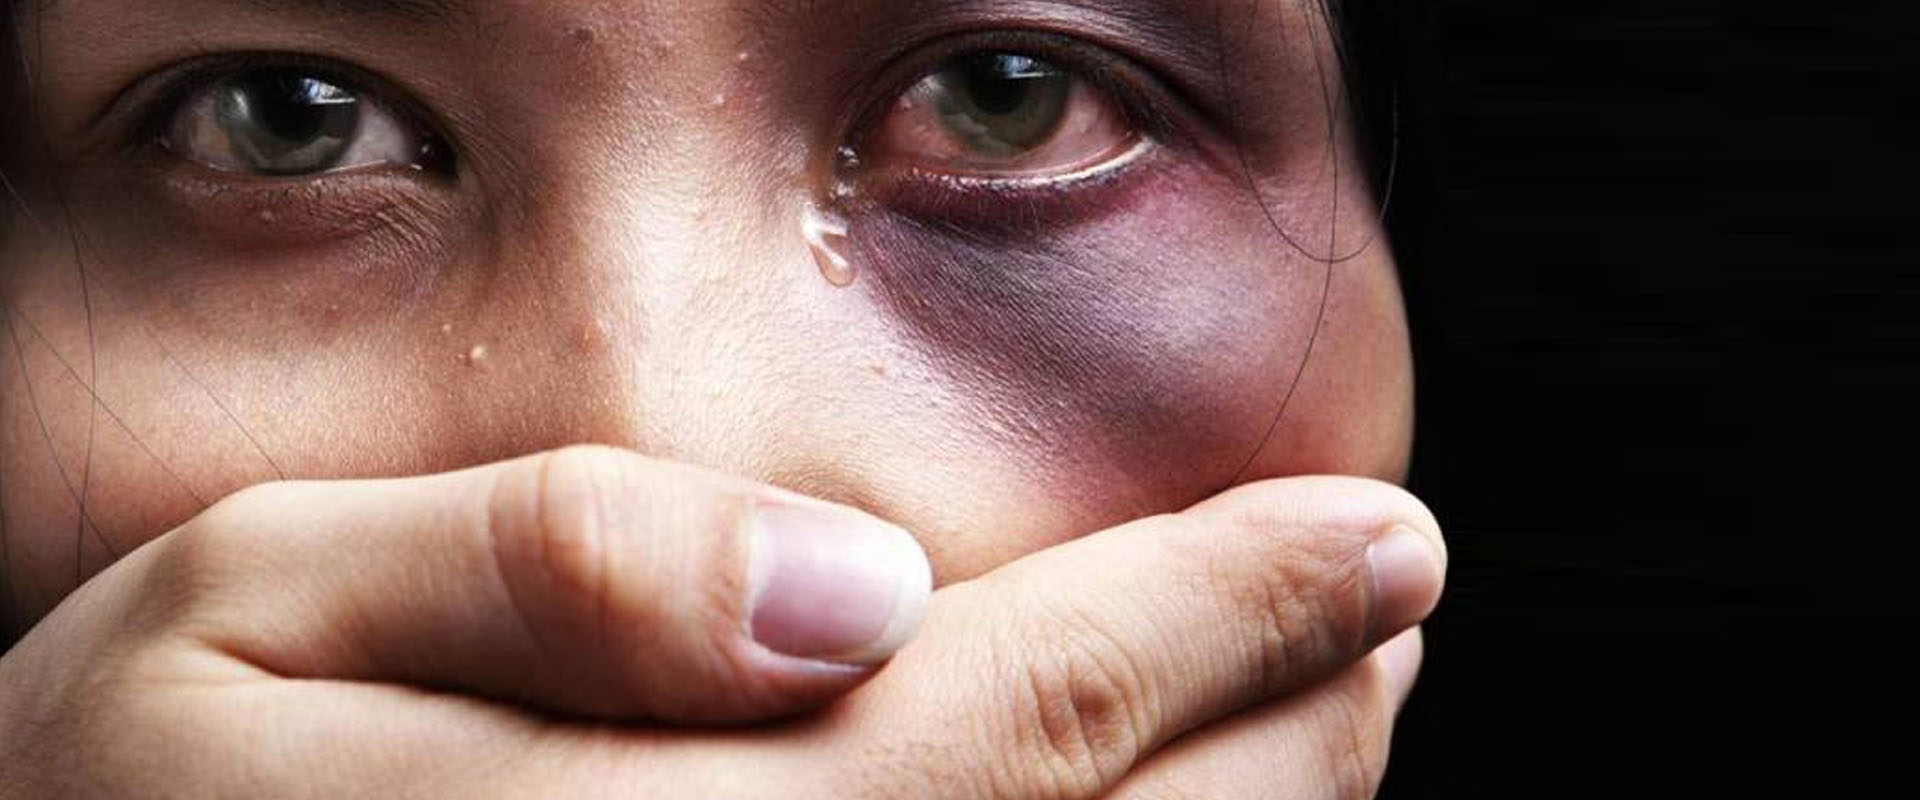 Plus de 93% des femmes violentées ne portent pas plainte - Maroc